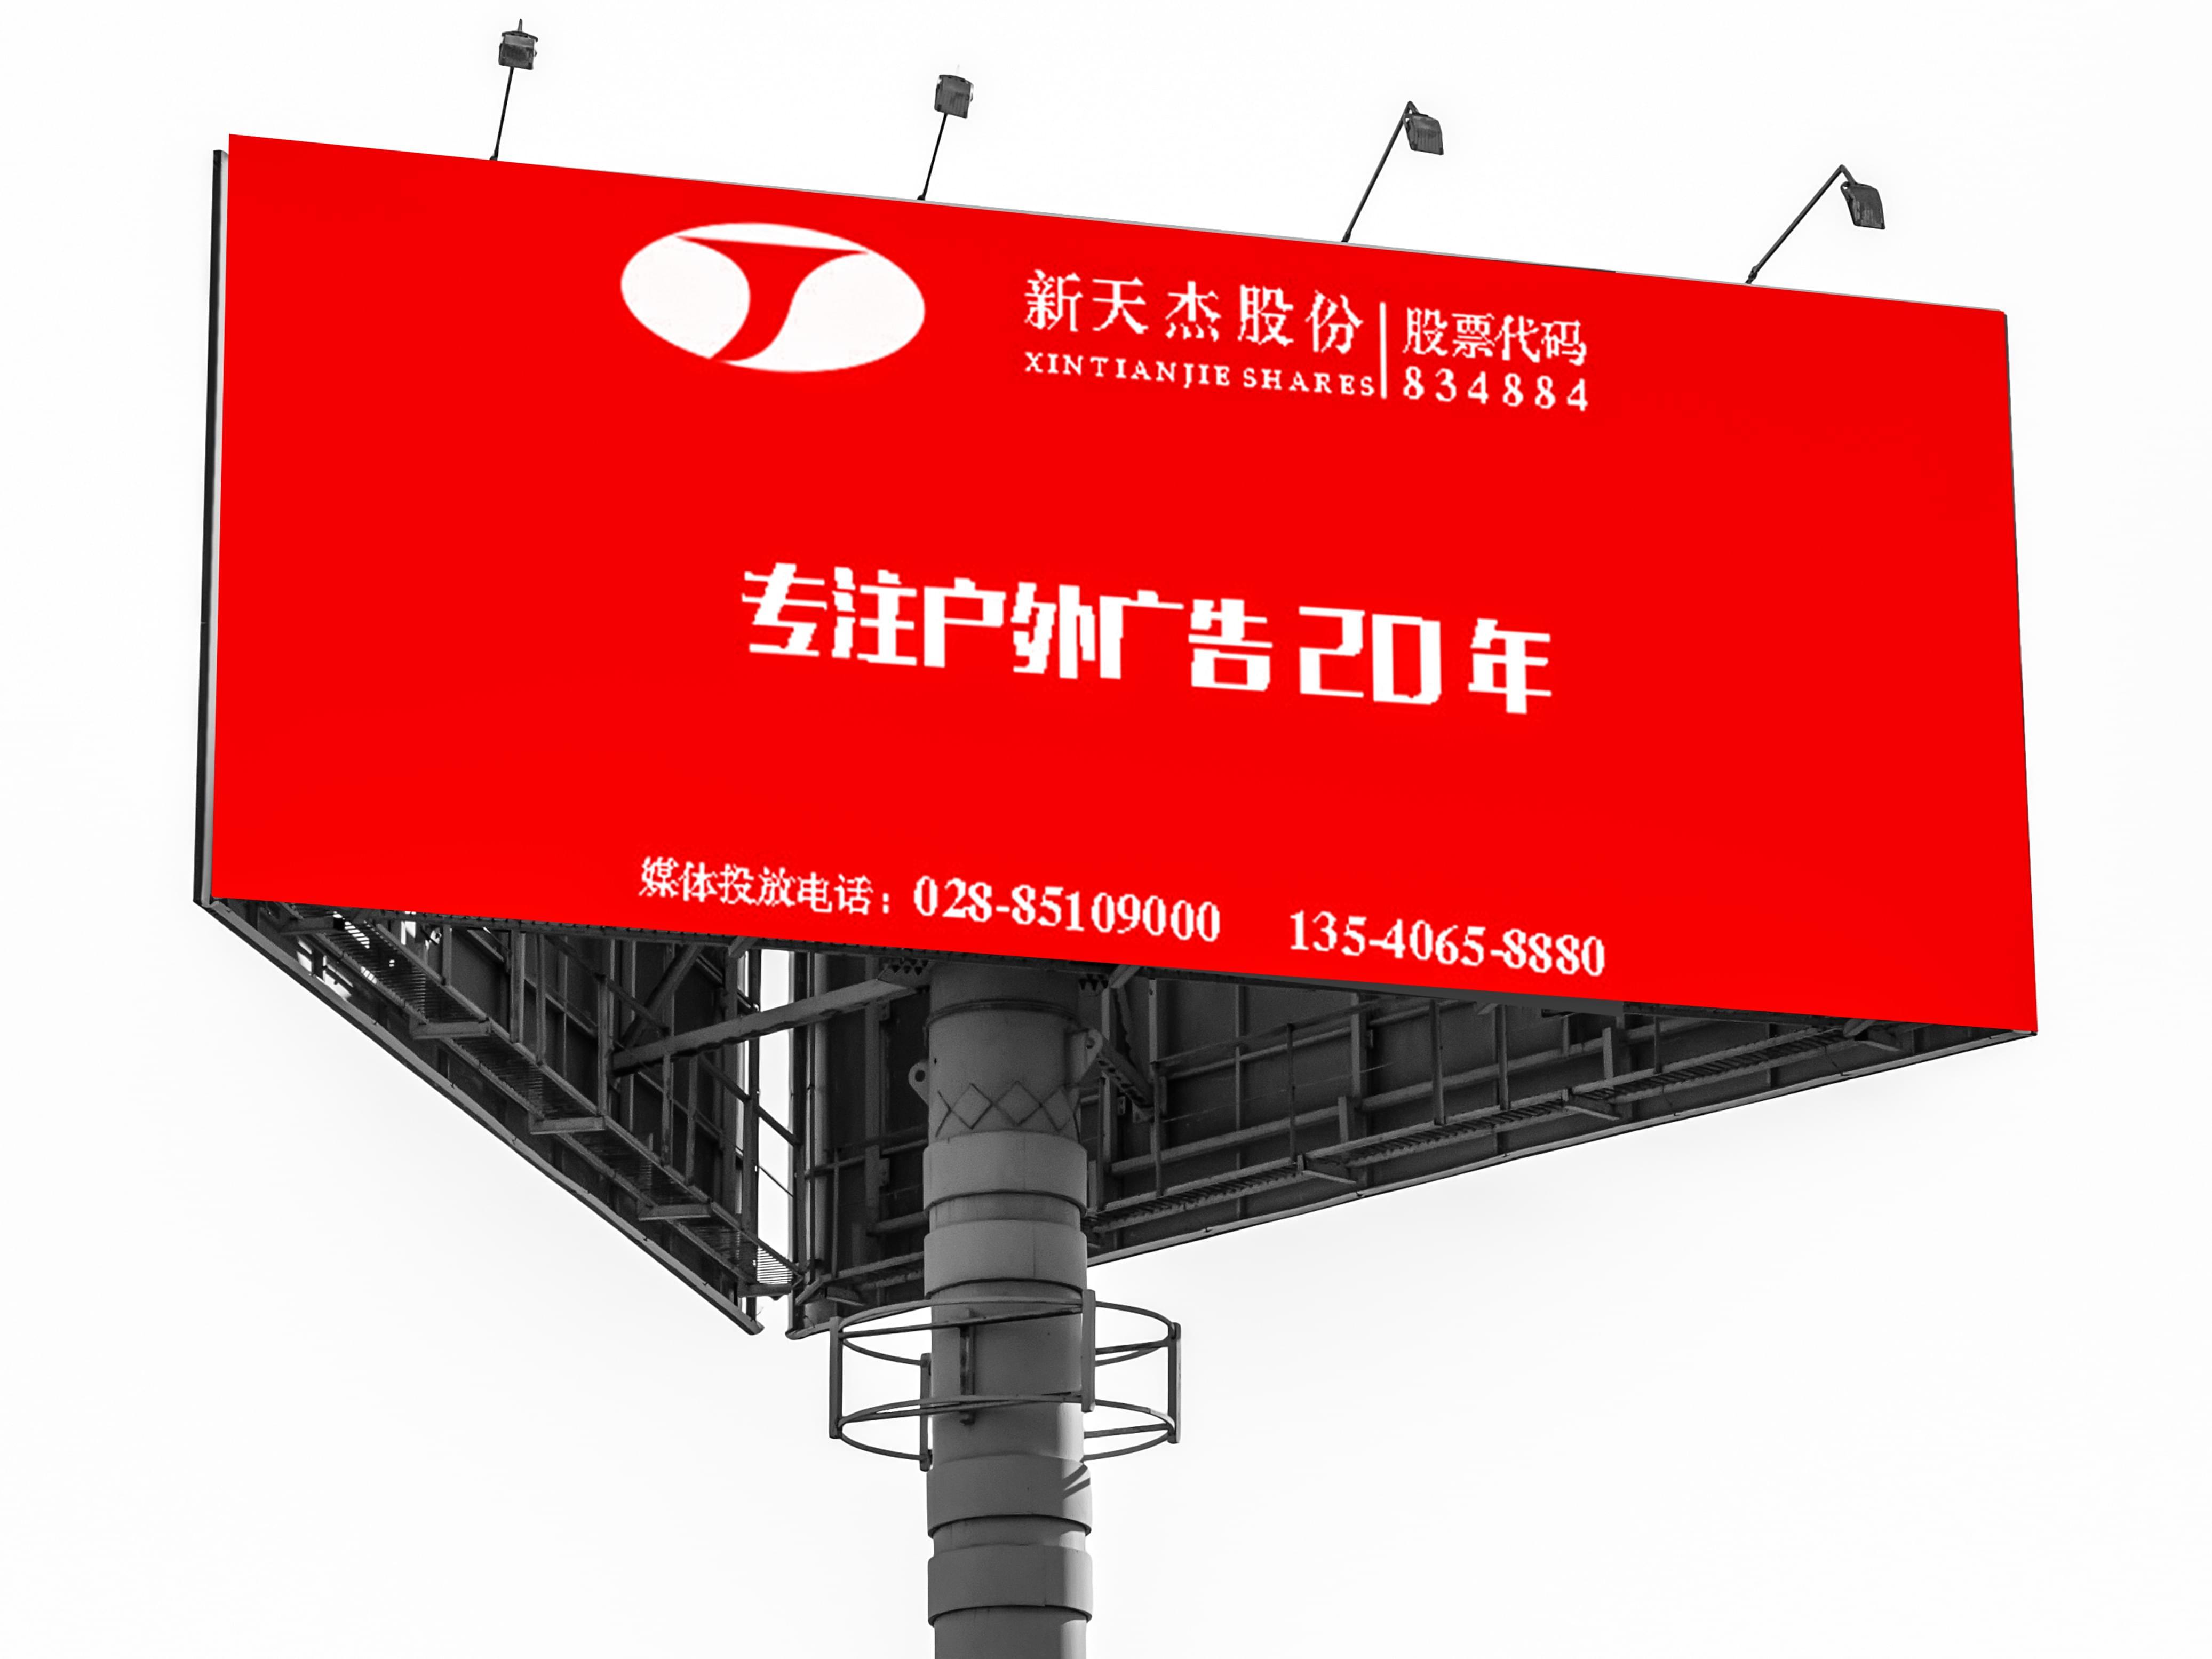 三面立柱广告牌图片